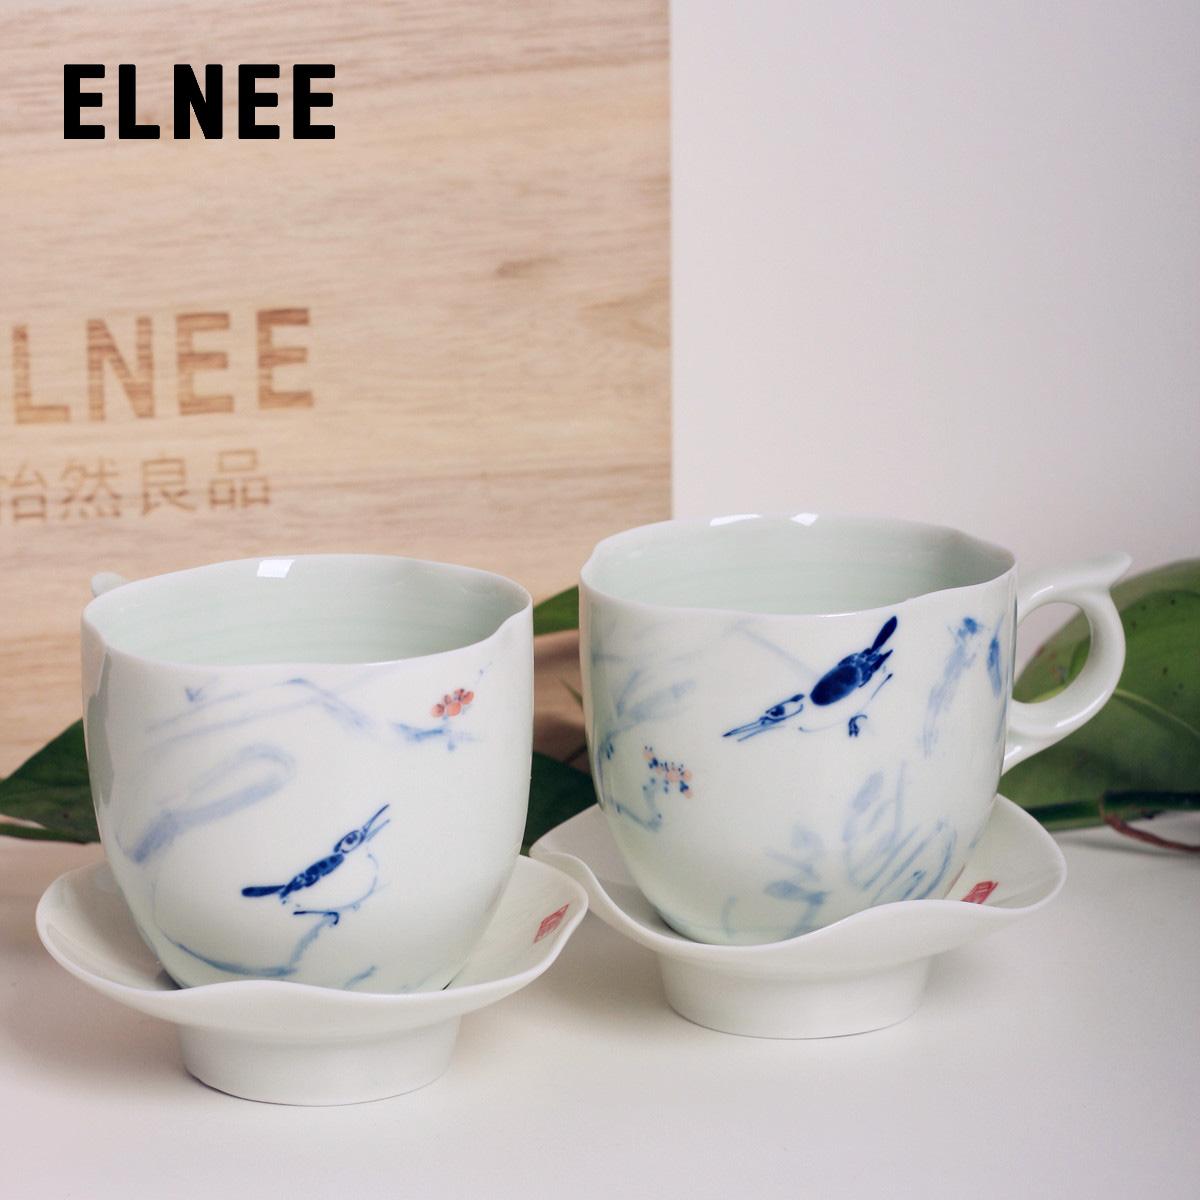 ELNEE 原创手绘景德镇青花情侣对杯陶瓷咖啡杯碟高档礼盒套装